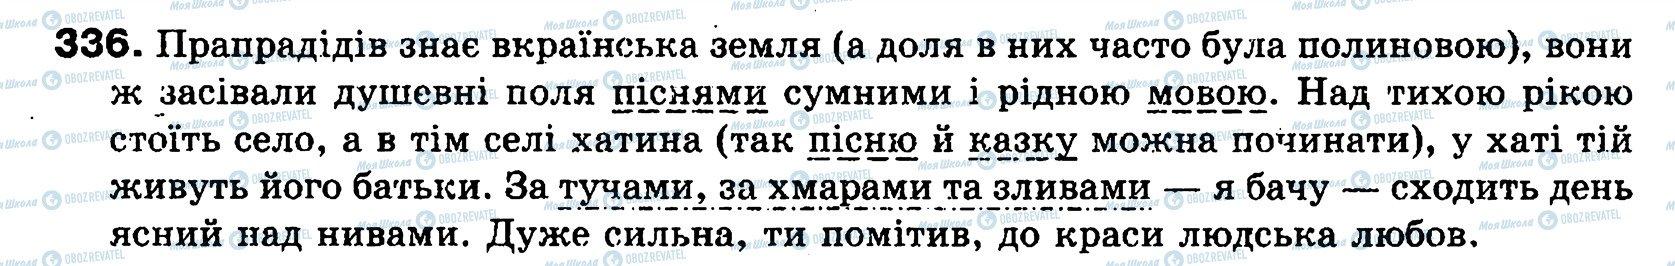 ГДЗ Українська мова 8 клас сторінка 336